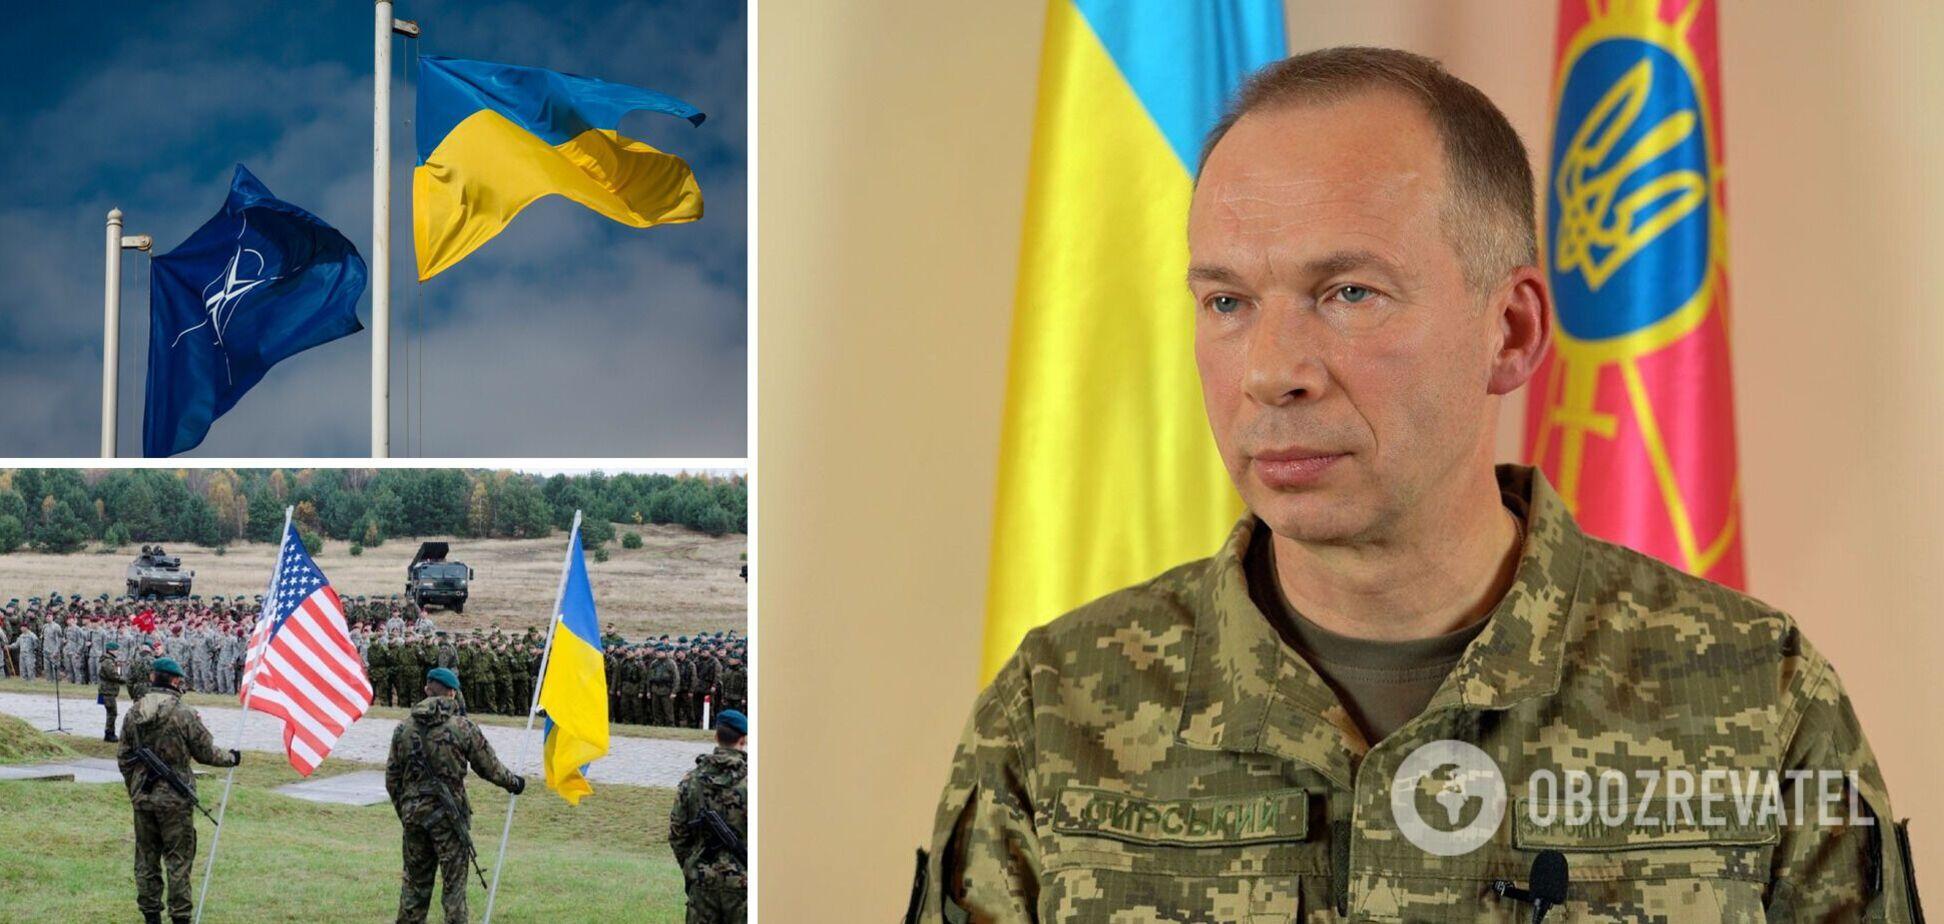 Олександр Сирський розповів про співпрацю з НАТО